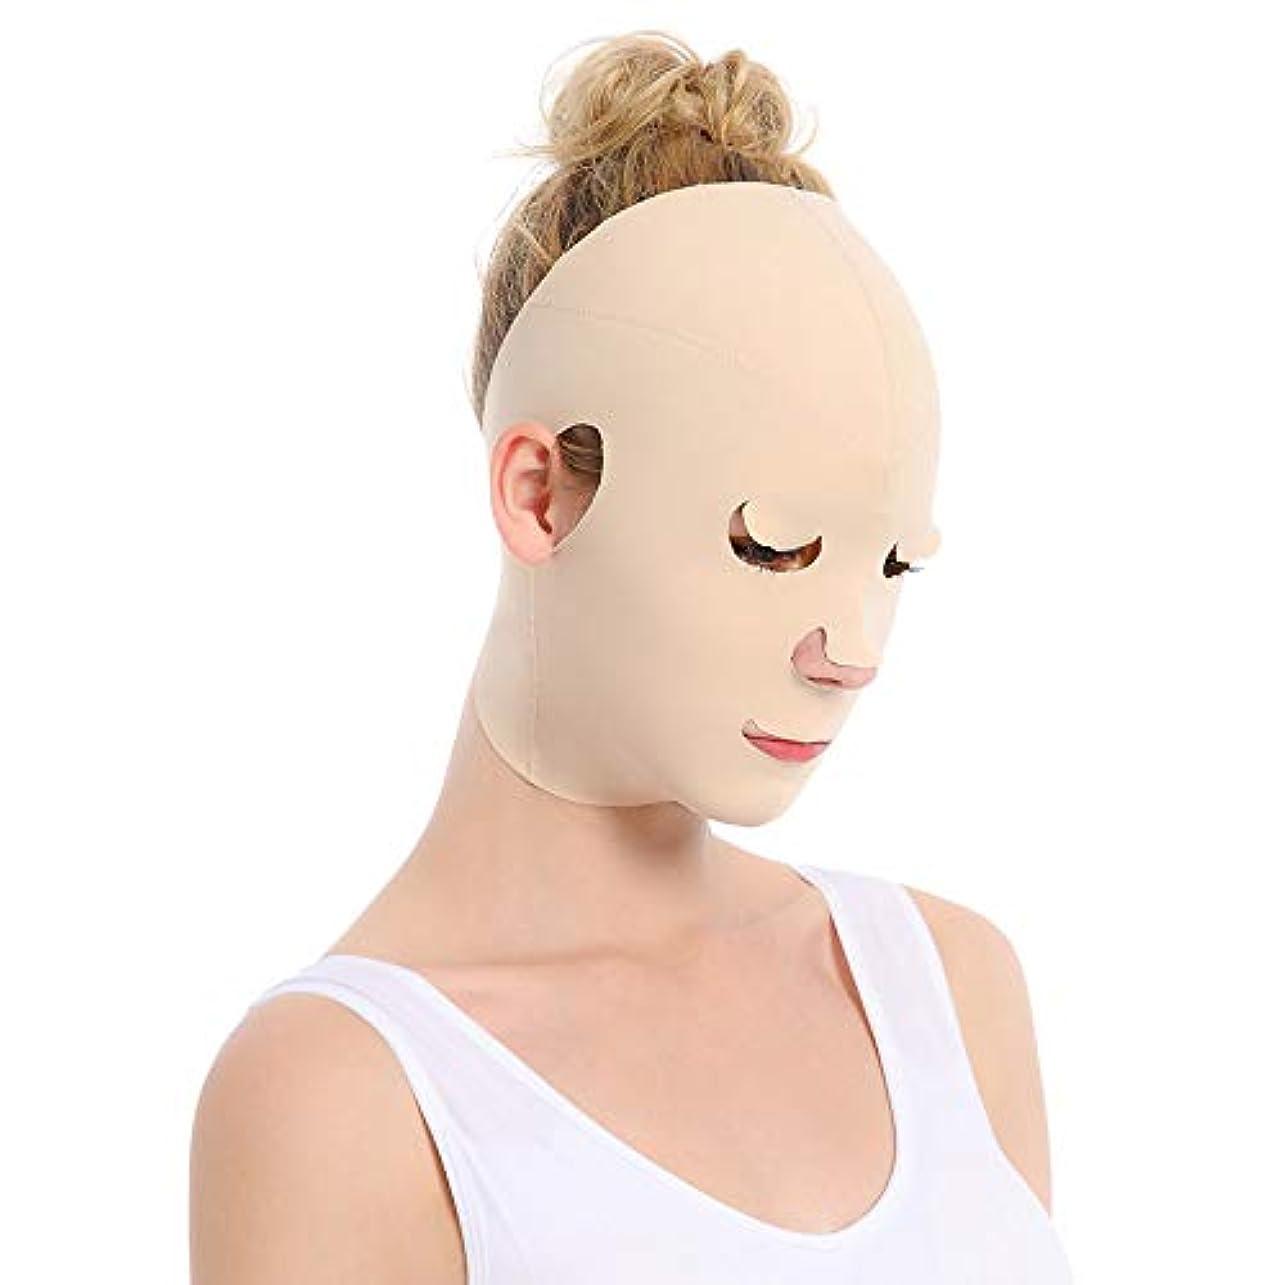 土器俳句反発する小さな顔ツールv顔包帯薄い顔美容マスク怠惰な睡眠マスク男性と女性のV顔包帯整形引き締め顔薄い二重あご